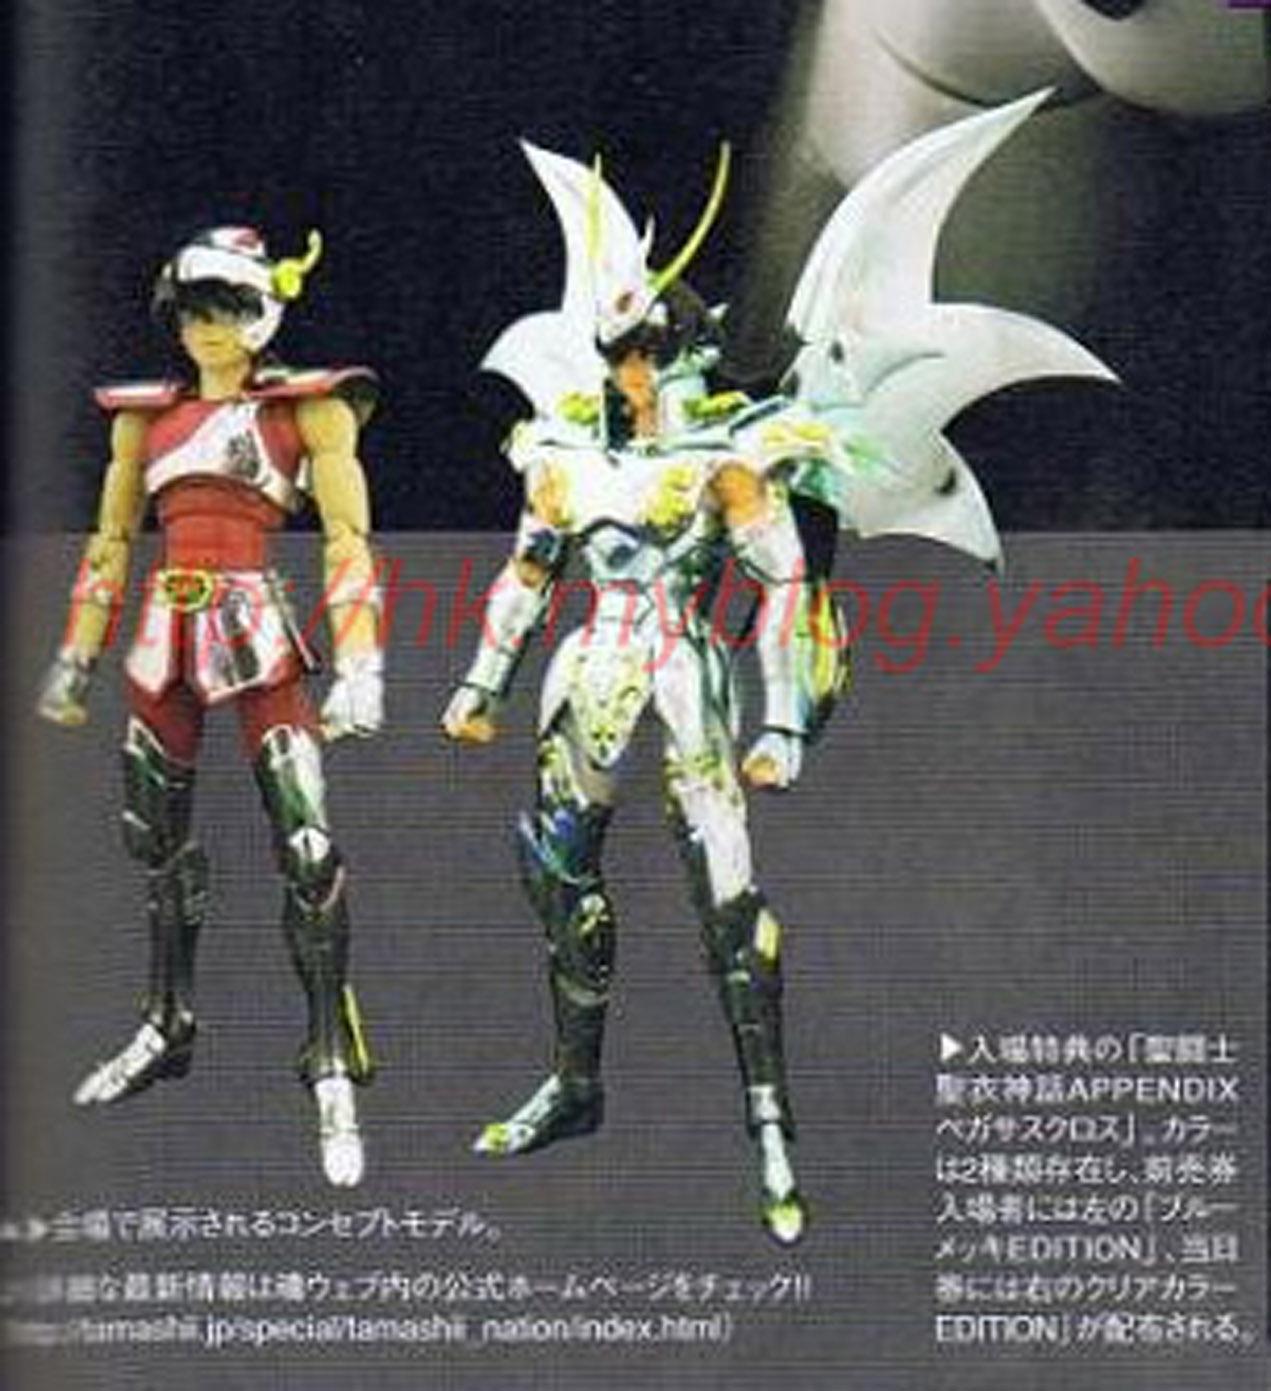 [Giugno 2010] Pegasus Seiya V1 (Parte 1) - Pagina 2 Sanstitre1bg